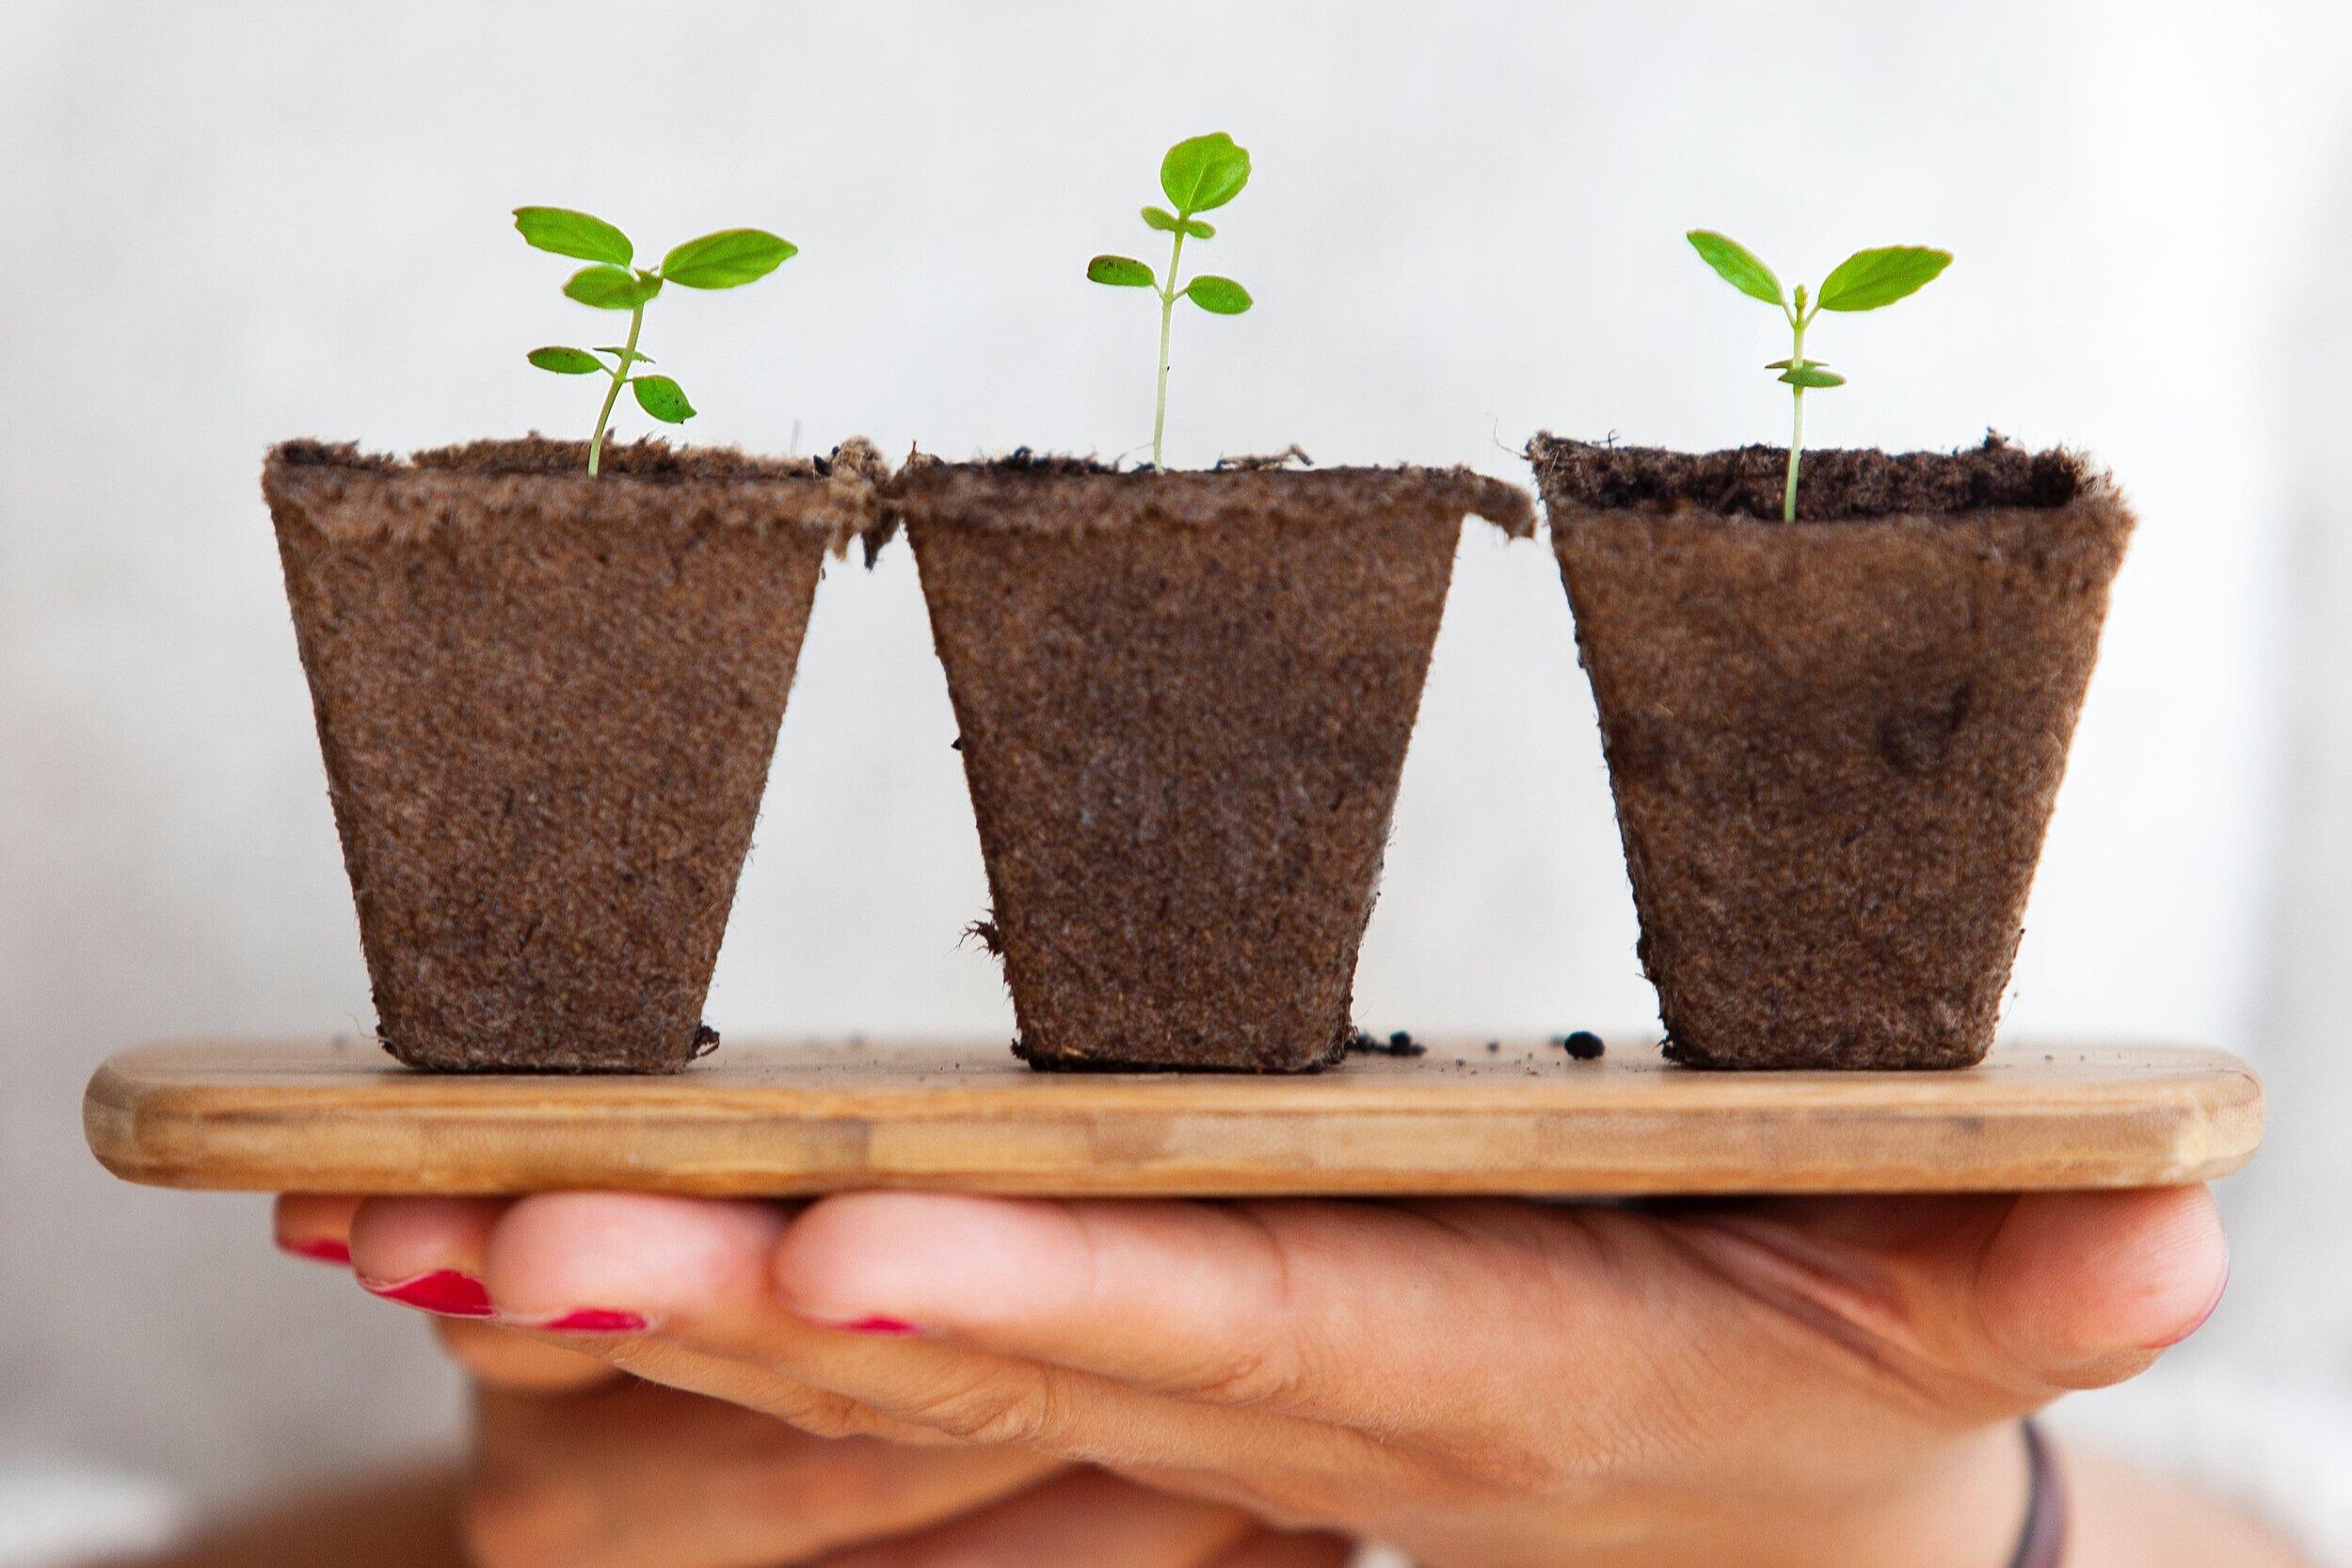 Der Deutsche Steuerberatertag wird grün! - Um den Deutschen Steuerberatertag nach Ihren Wünschen zu gestalten, brauchen wir Ihr Feedback!Dafür tun auch wir etwas: für jeden ausgefüllten Fragebogen pflanzen wir einen Baum!